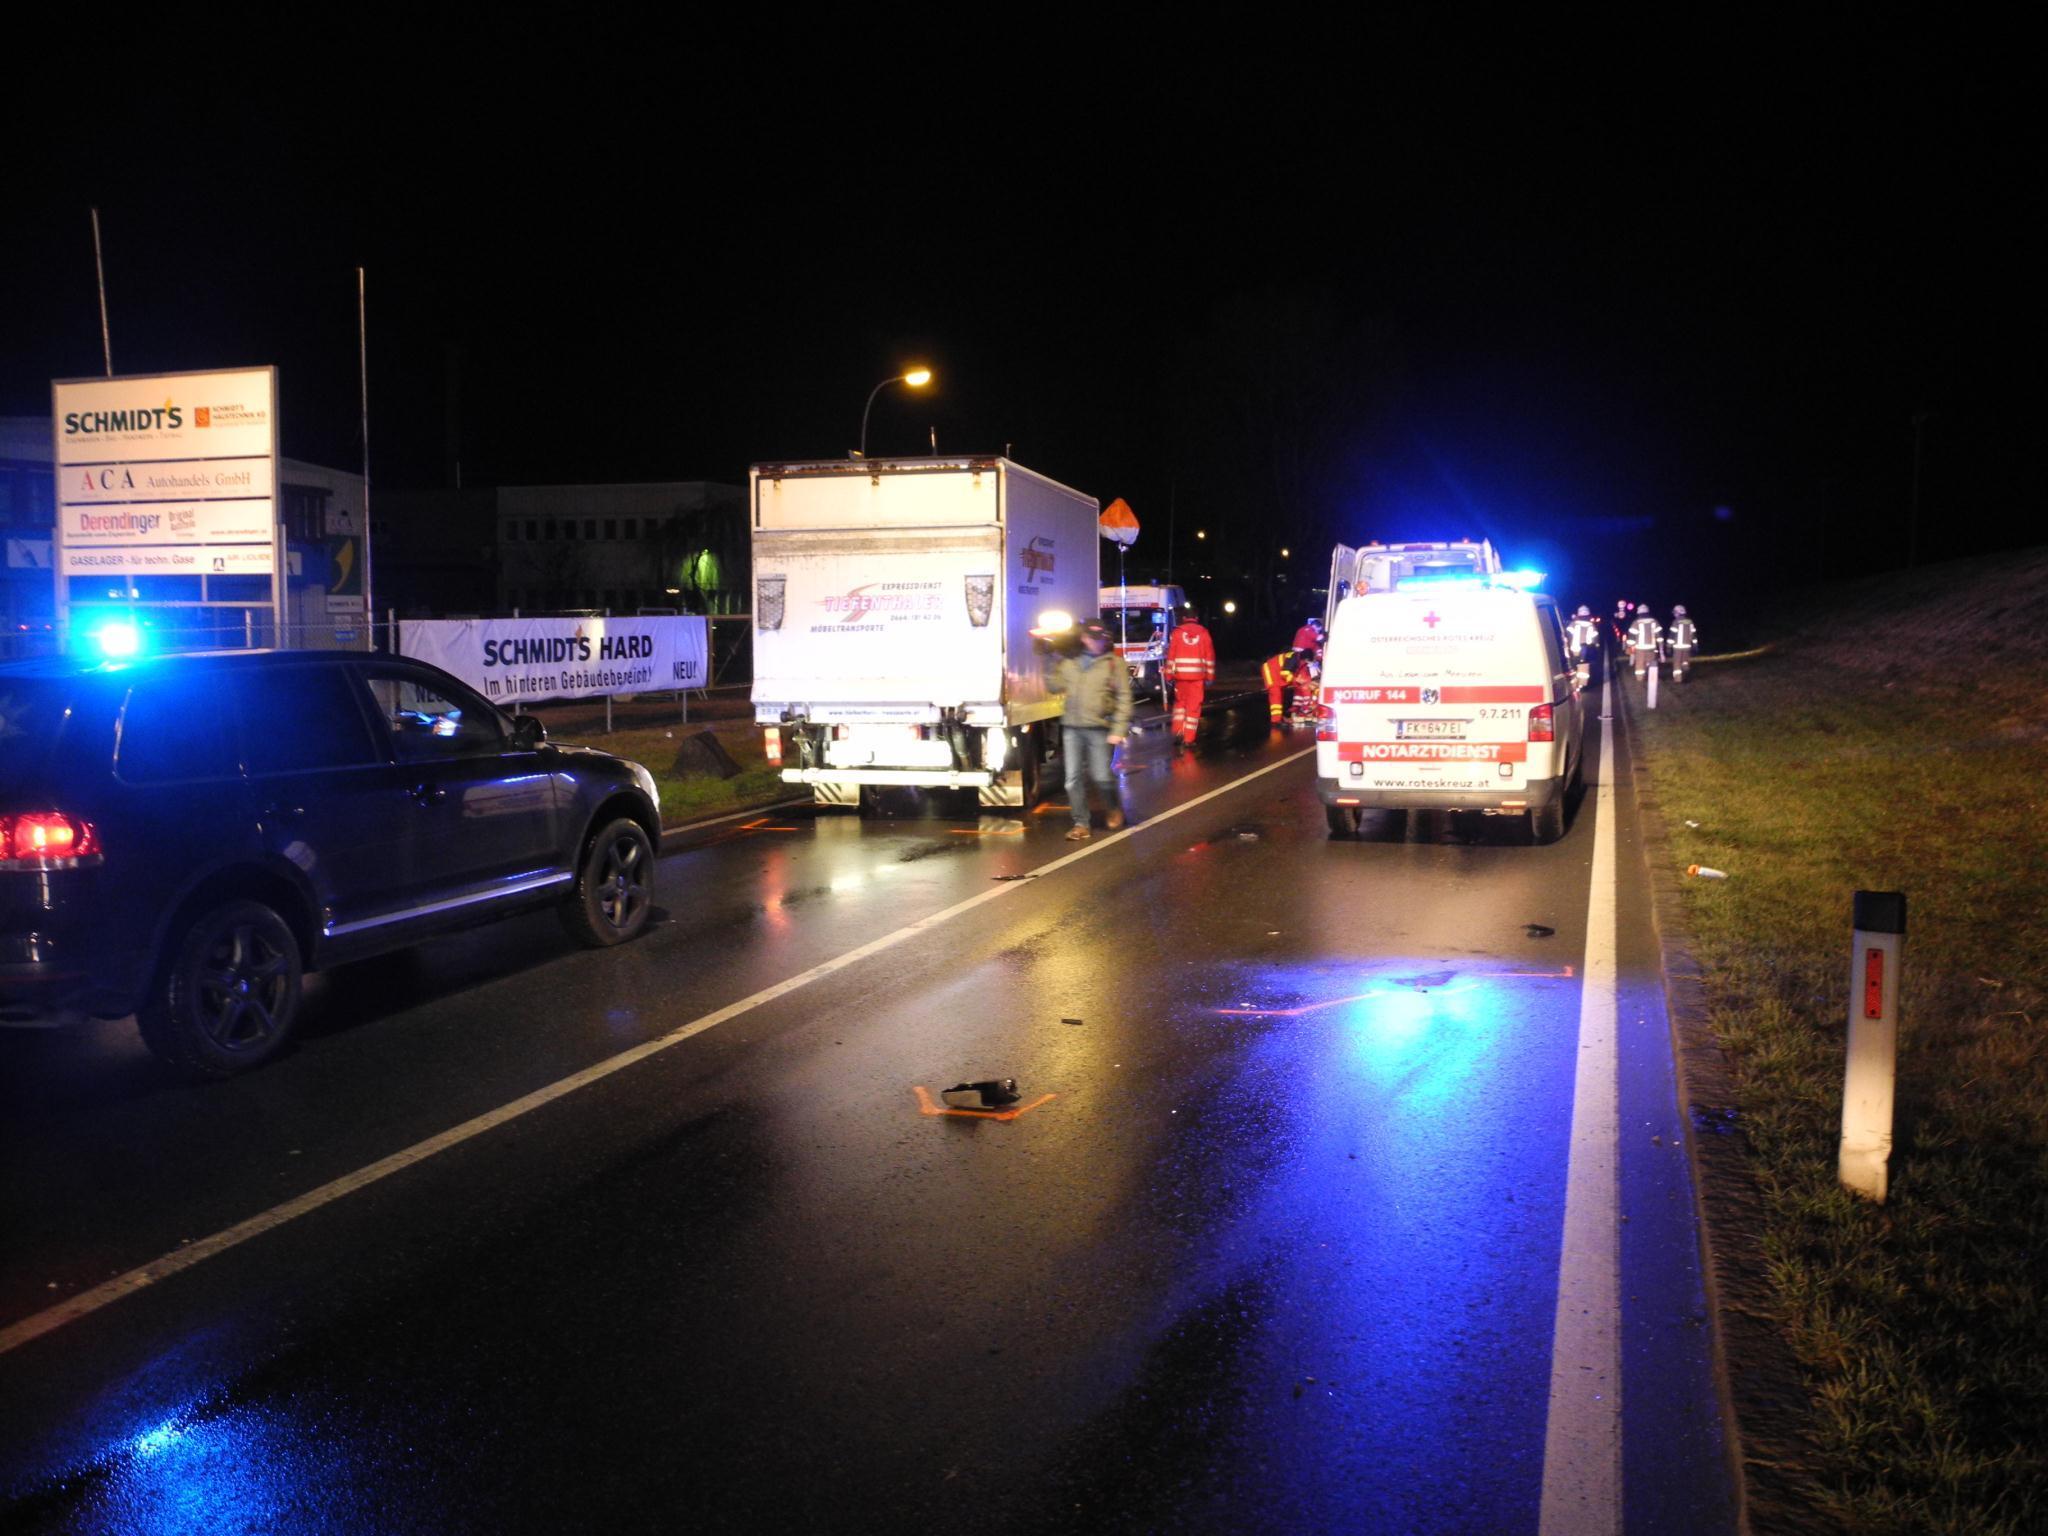 Der 23-Jährige wurde auf der Fahrbahn von einem Klein-Lkw erfasst.